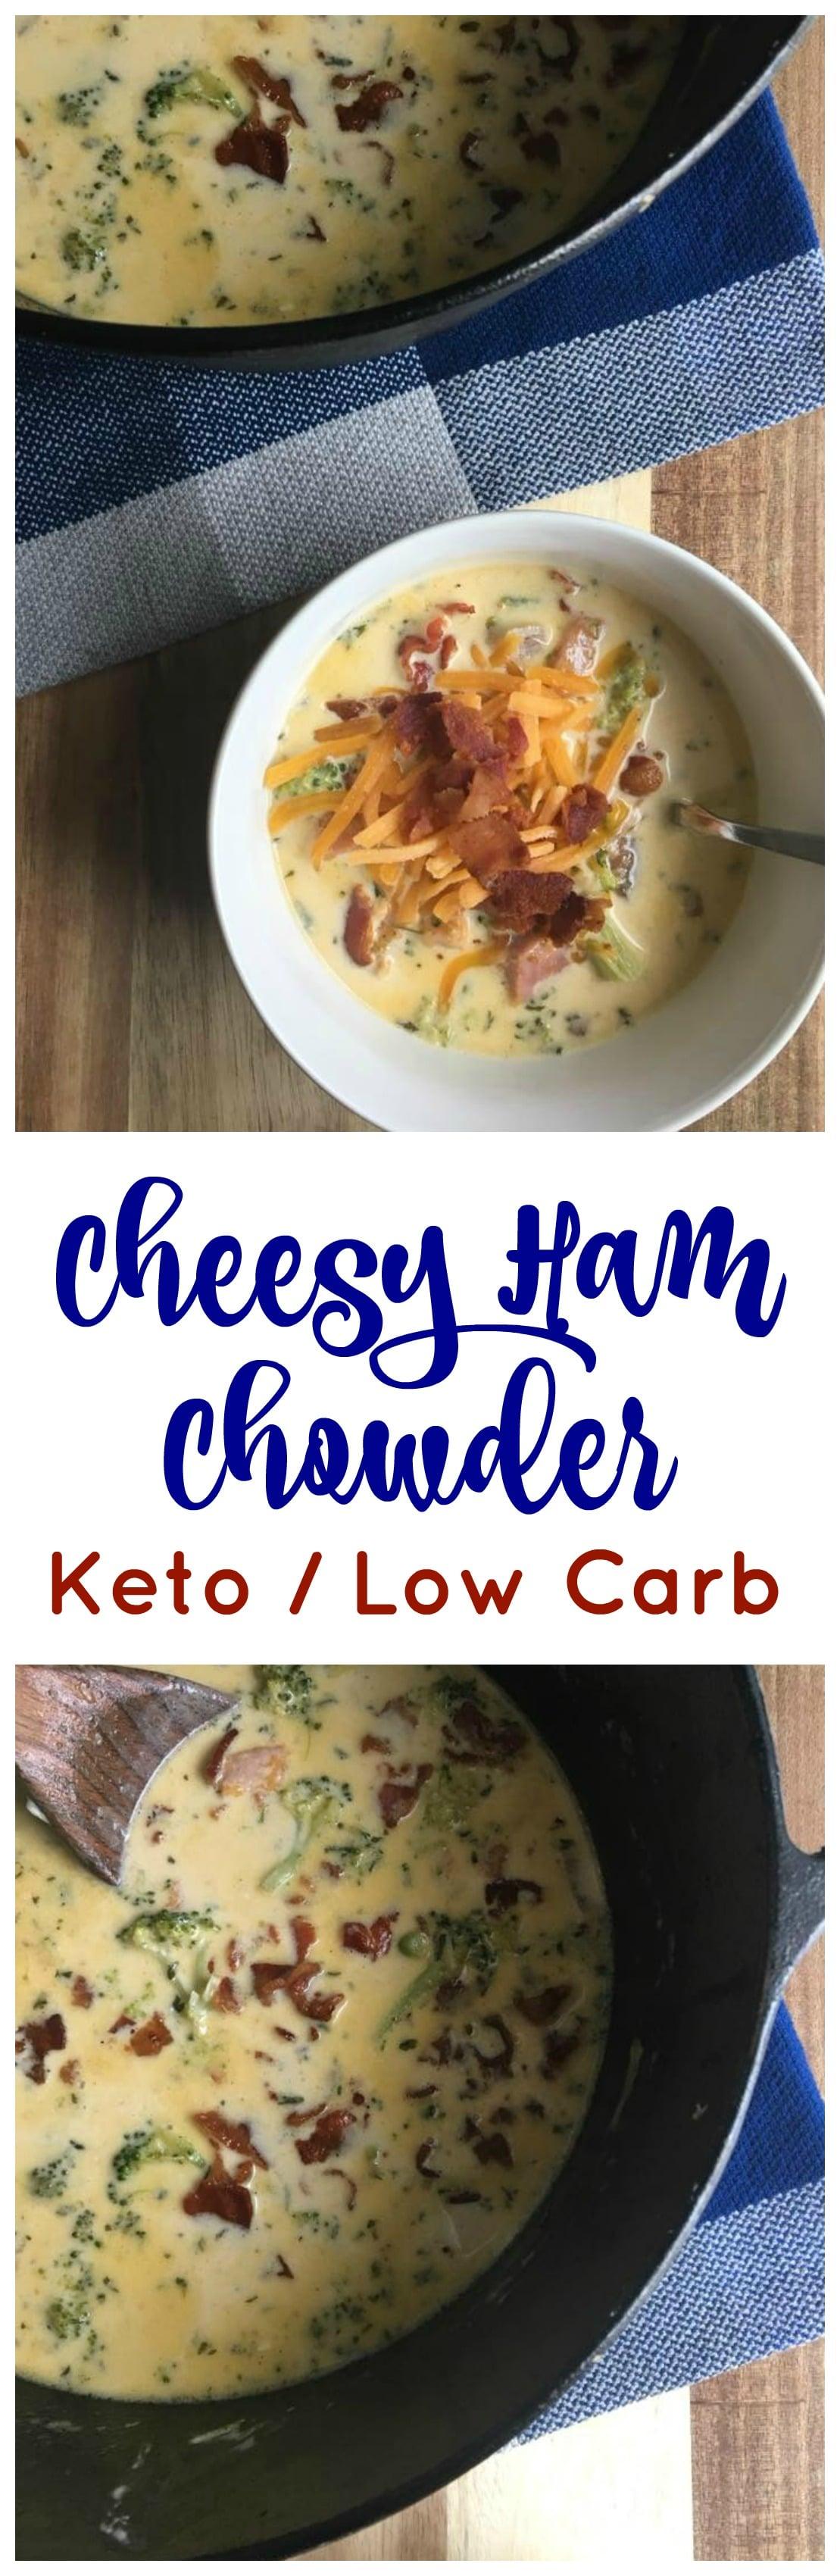 Cheesy Ham Chowder collage